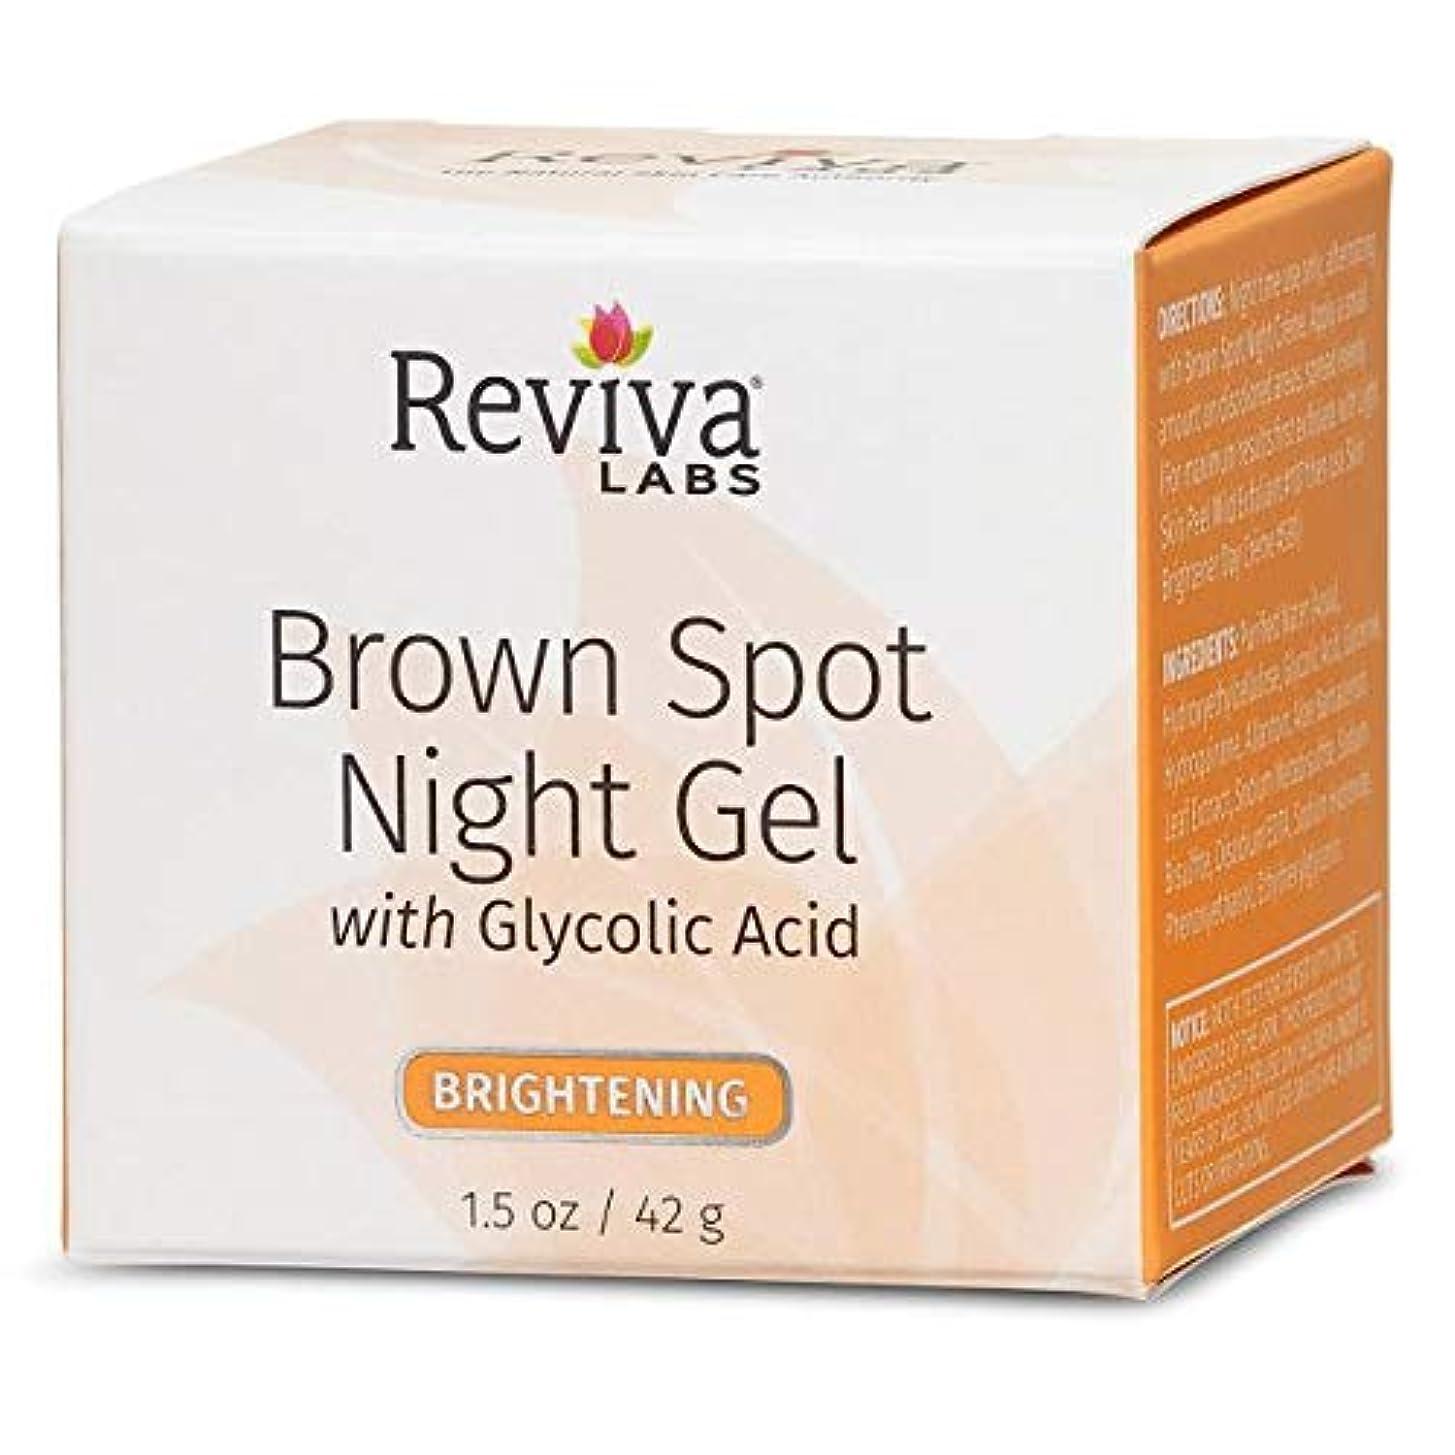 ぎこちない落ち込んでいる比率ブラウンスポット ナイトジェル グリコール酸入り 1.25oz. REVIVA LABS社製 海外直送品